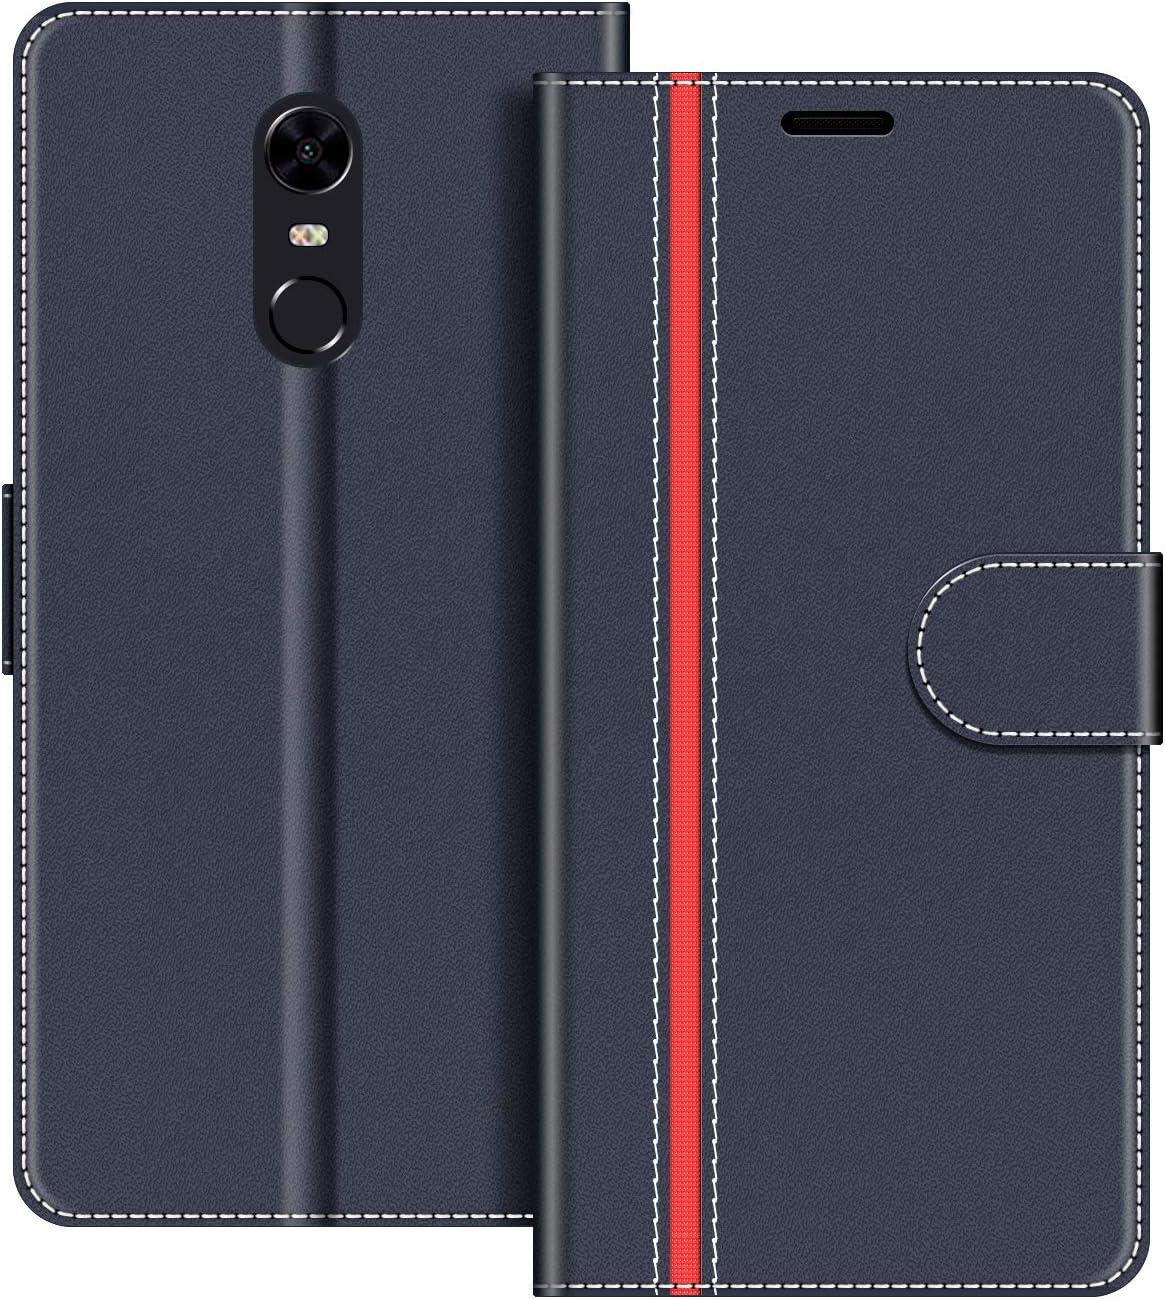 COODIO Funda Xiaomi Redmi 5 Plus con Tapa, Funda Movil Xiaomi Redmi 5 Plus, Funda Libro Xiaomi Redmi 5 Plus Carcasa Magnético Funda para Xiaomi Redmi 5 Plus, Azul Oscuro/Rojo